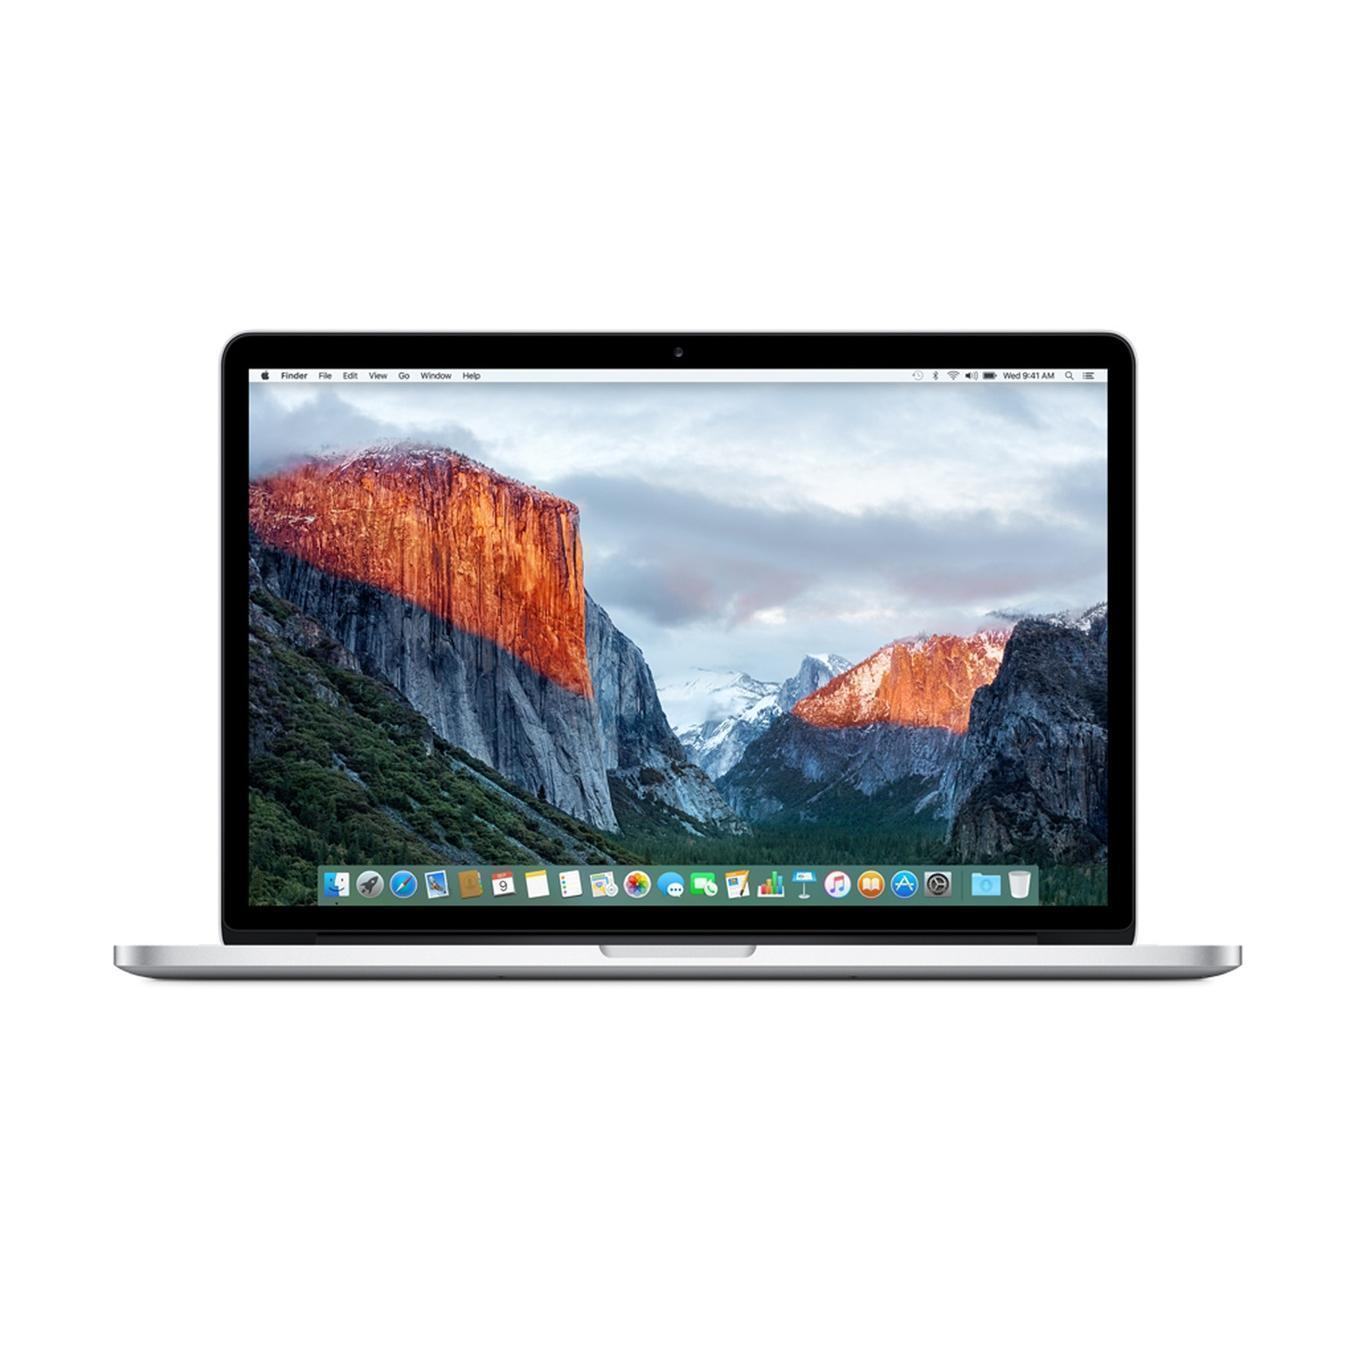 MacBook Pro Retina 15,4-tum (2013) - Core i7 - 16GB - SSD 500 GB QWERTZ - Tyska